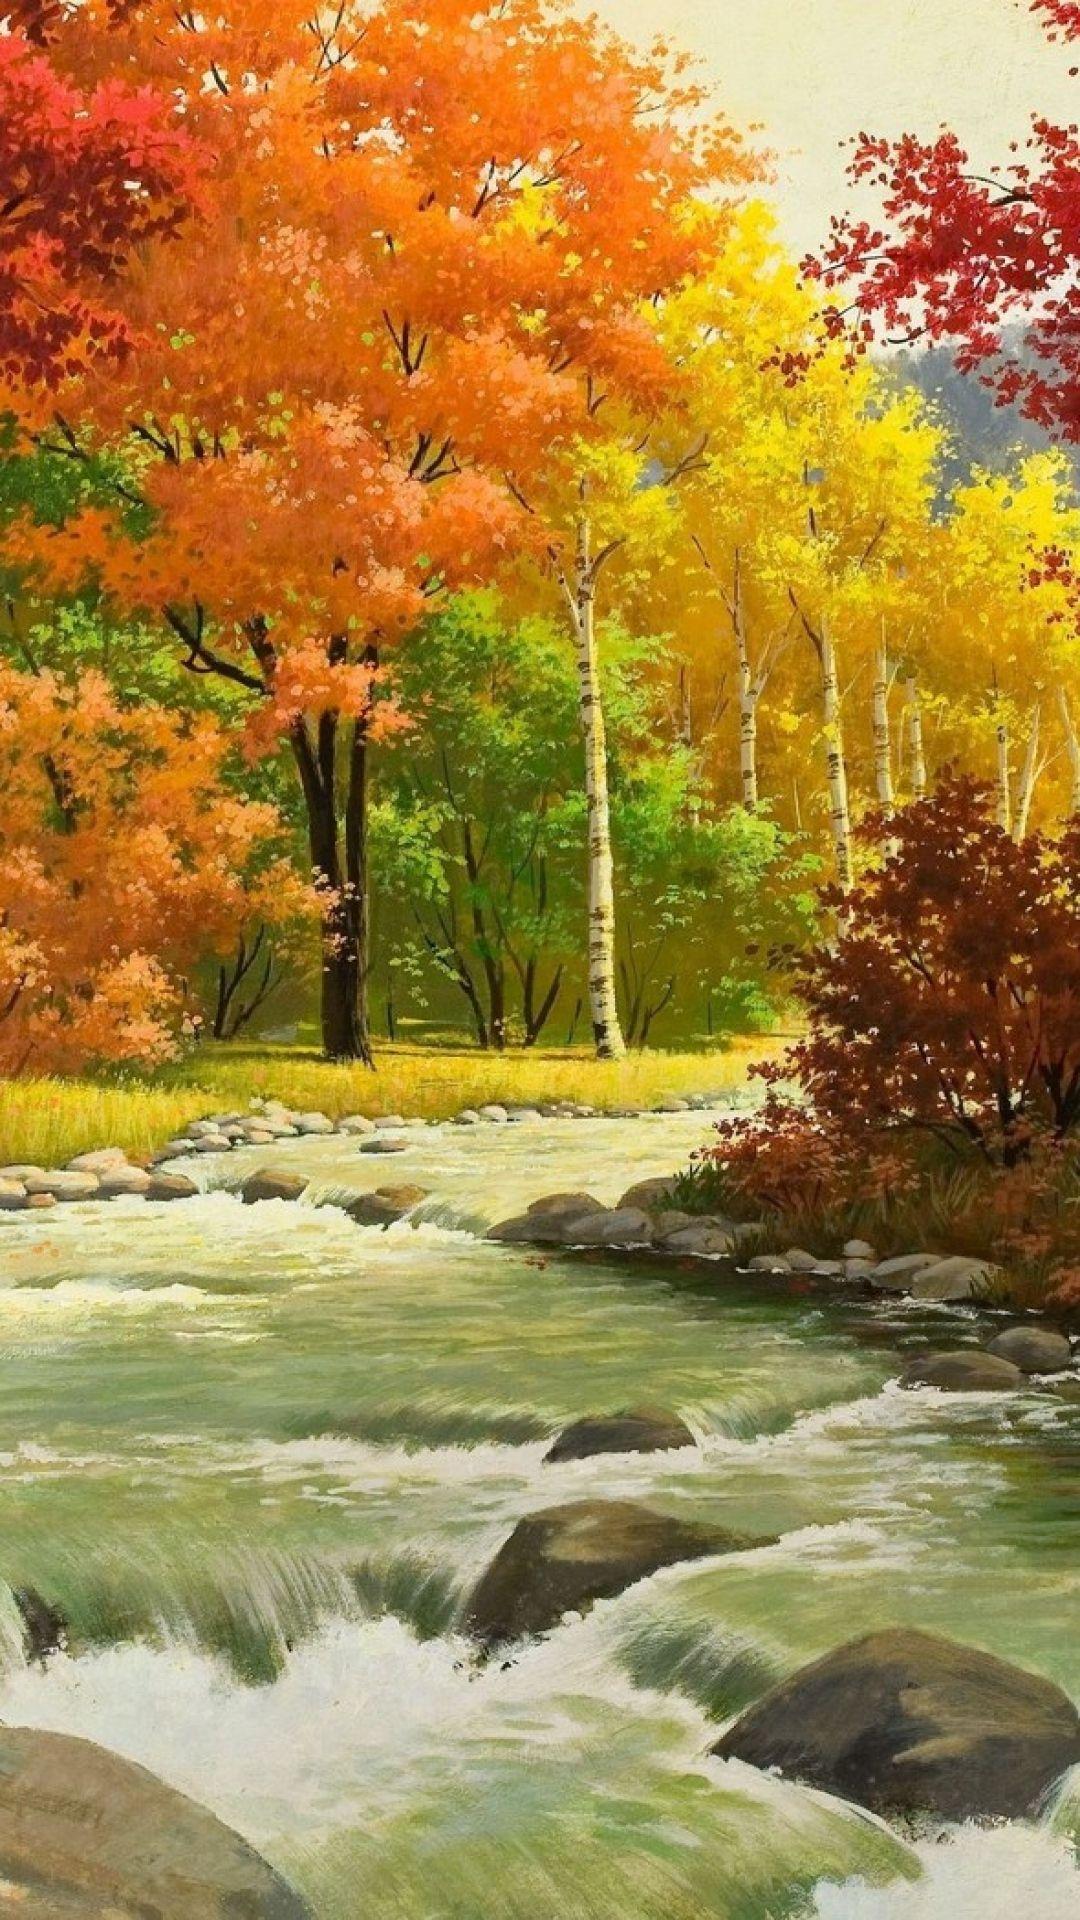 Résultats de recherche d'images pour « bob ross autumn paintings »